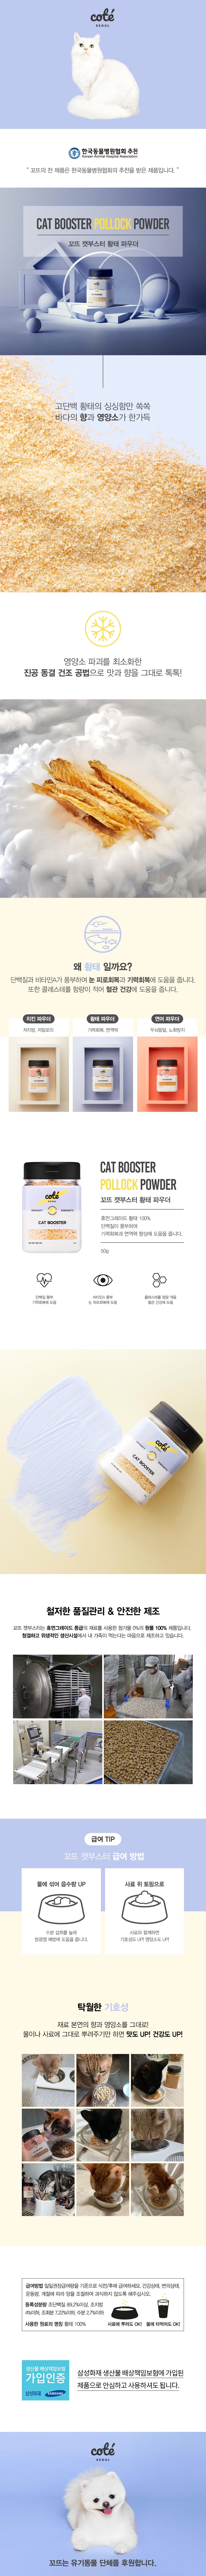 싱싱한 황태 100프로 황태파우더 기력회복 50g - 꼬뜨, 9,900원, 간식/캣닢, 건조간식